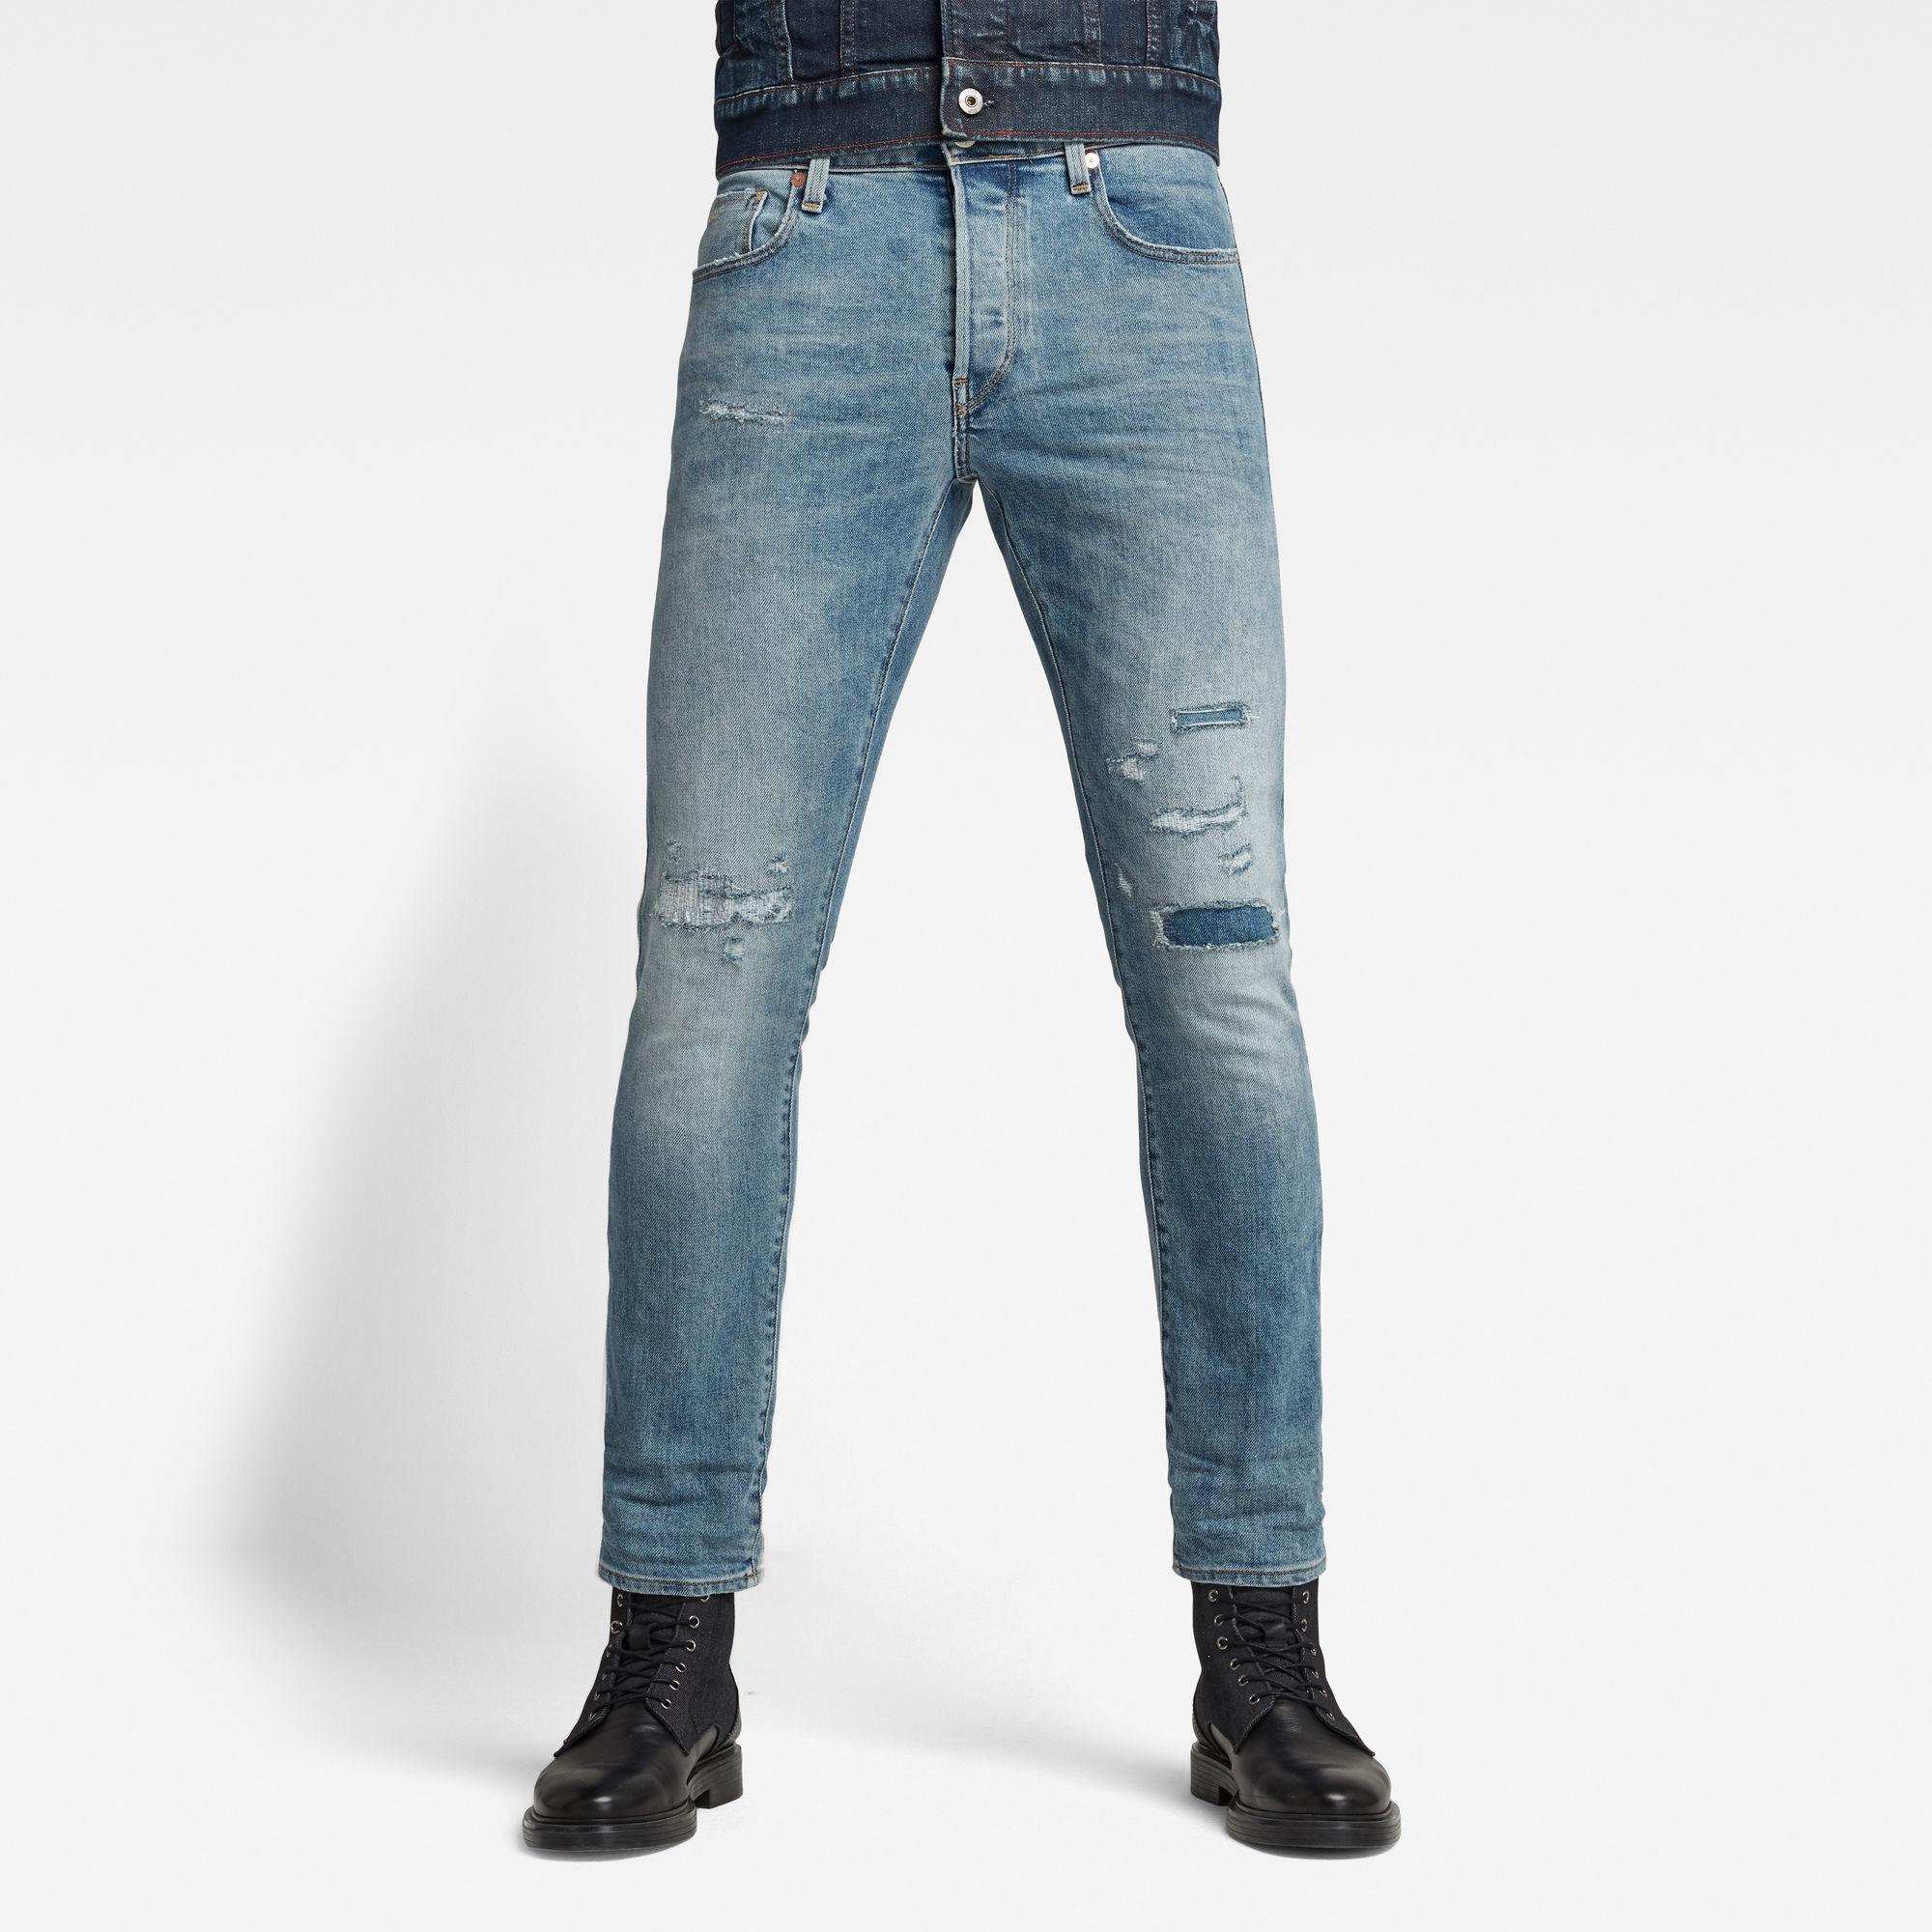 G-Star RAW Heren 3301 Slim Selvedge Jeans Lichtblauw